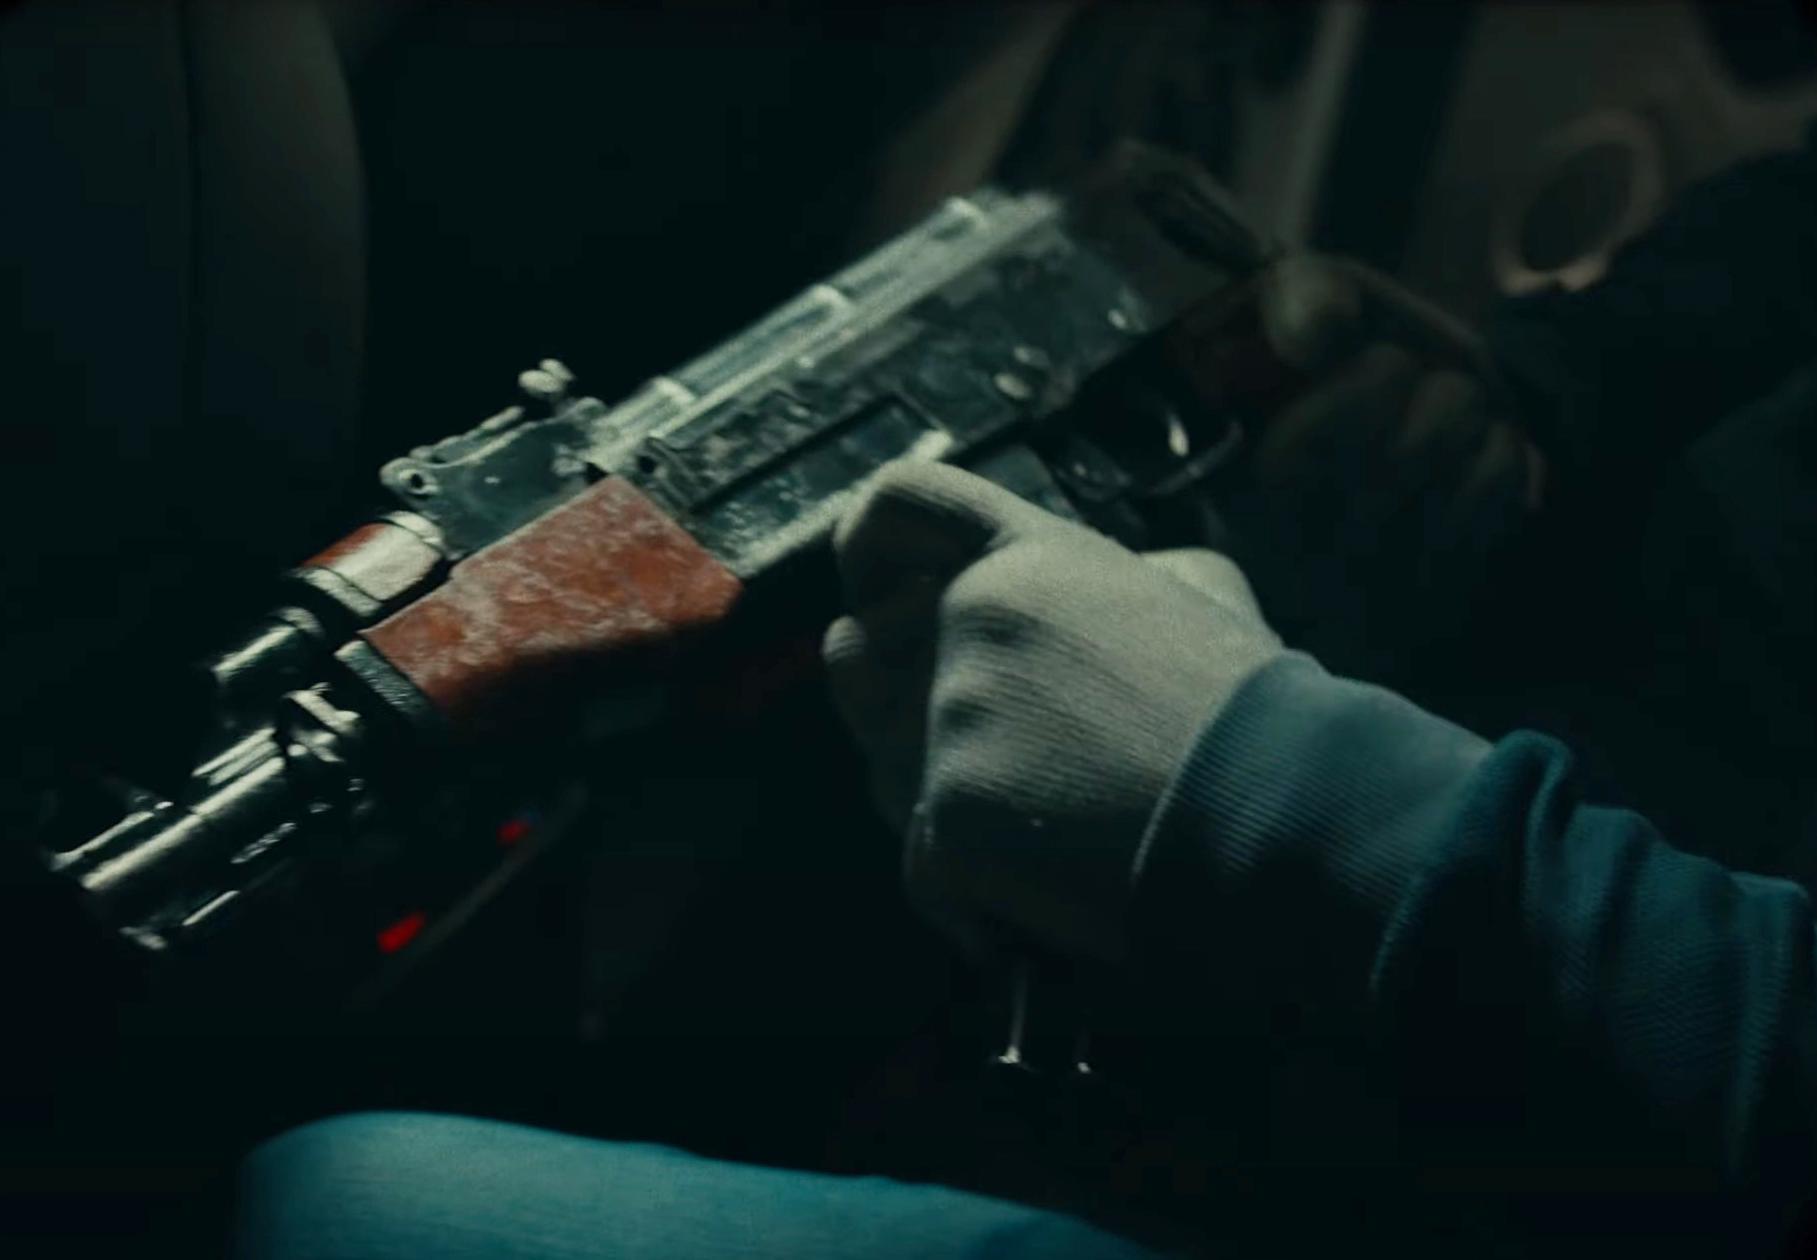 Mässtänkta vapnet användes i en musikvideo dagarna innan det antagligen användes för att döda 12-åriga Adriana utanför mcdonalds i botkyrka.